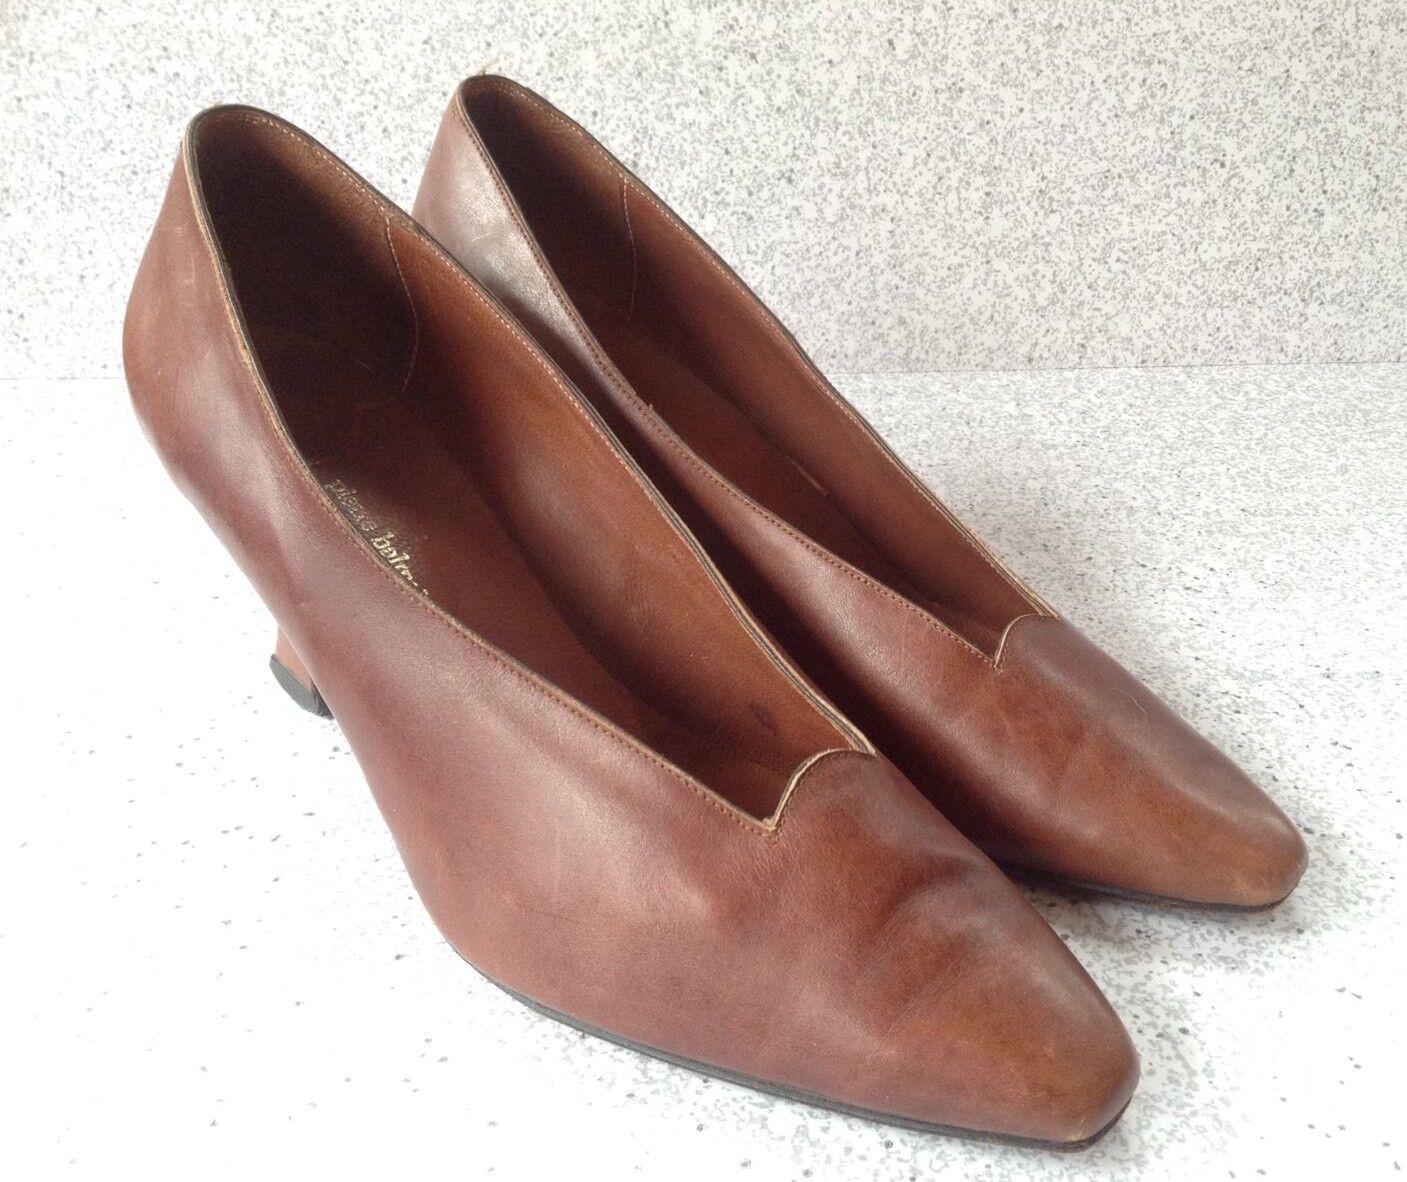 punto vendita Vintage Pierre Balmain Paris Donna  Marrone Marrone Marrone Leather Heels Dimensione 9B Rare  Amazing  prodotto di qualità